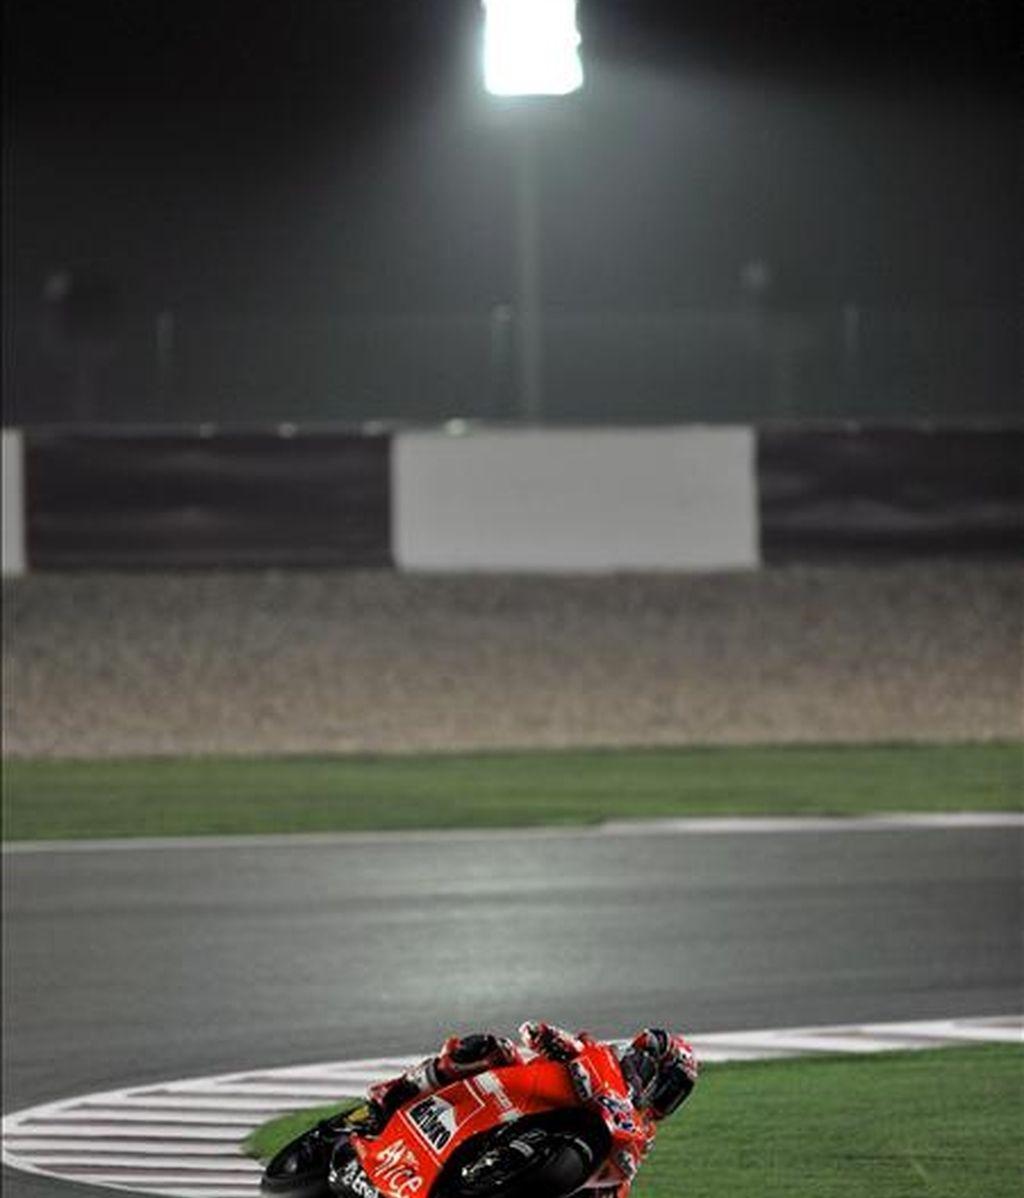 El piloto Casey Stoner conduce su motocicleta Ducsti hoy en el Circuito Internacional de Losail en Doha (Qatar). EFE